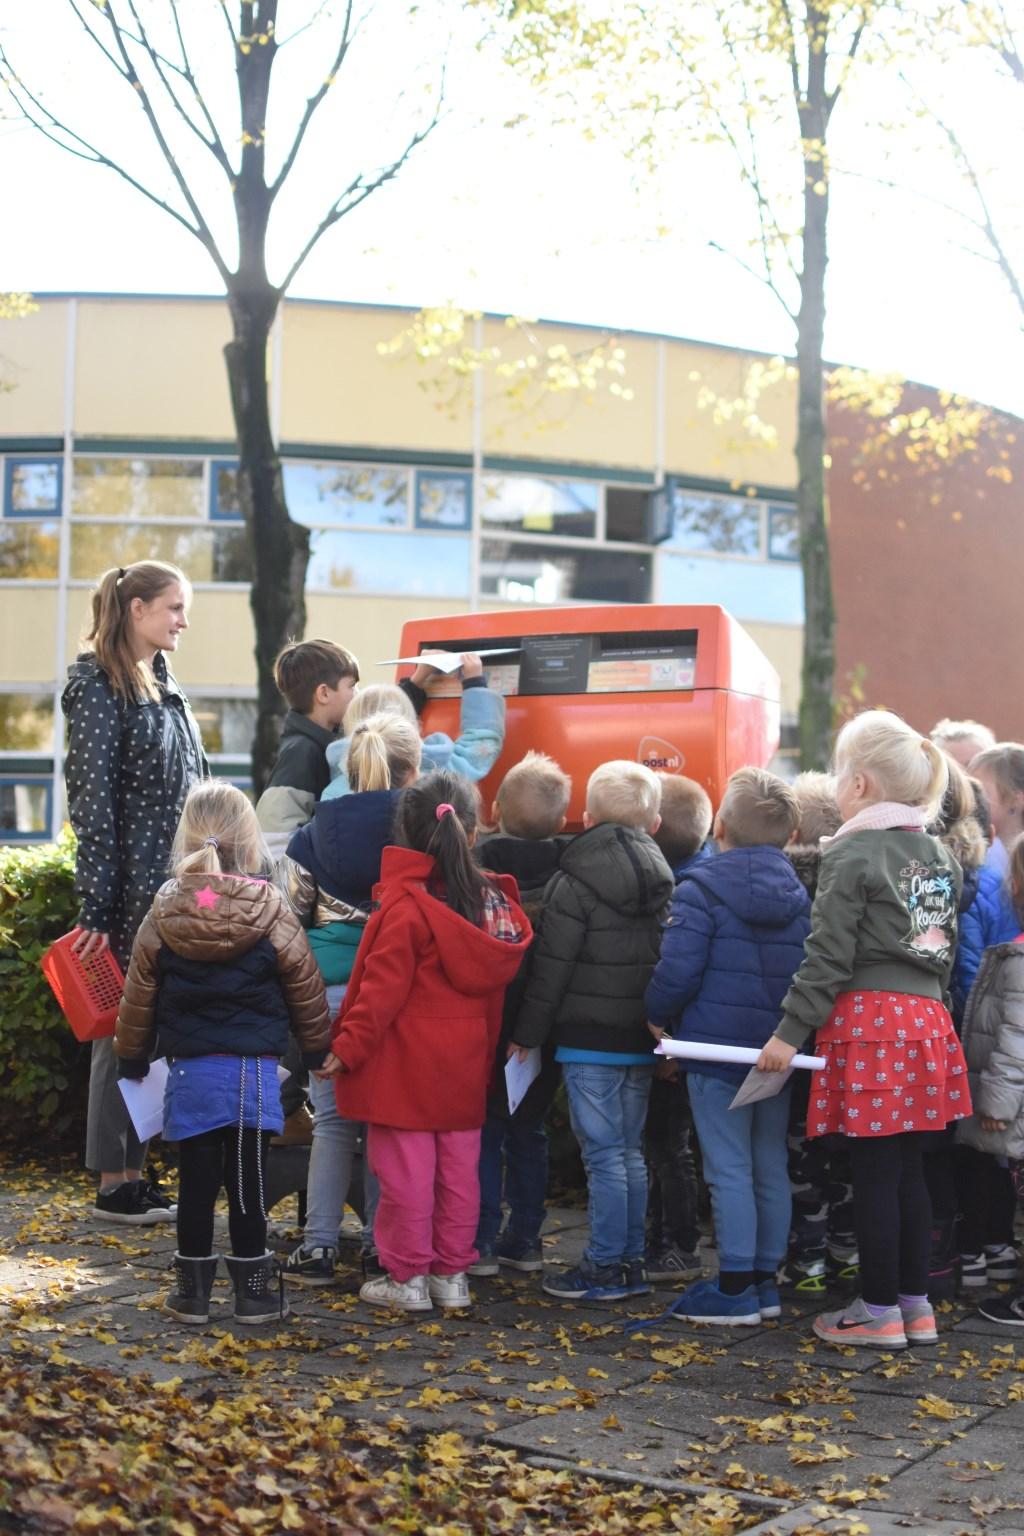 Alle kinderen doen hun brief voor de minister in de brievenbus. (foto: Maartje van Walsem) Foto: Maartje van Walsem © DPG Media